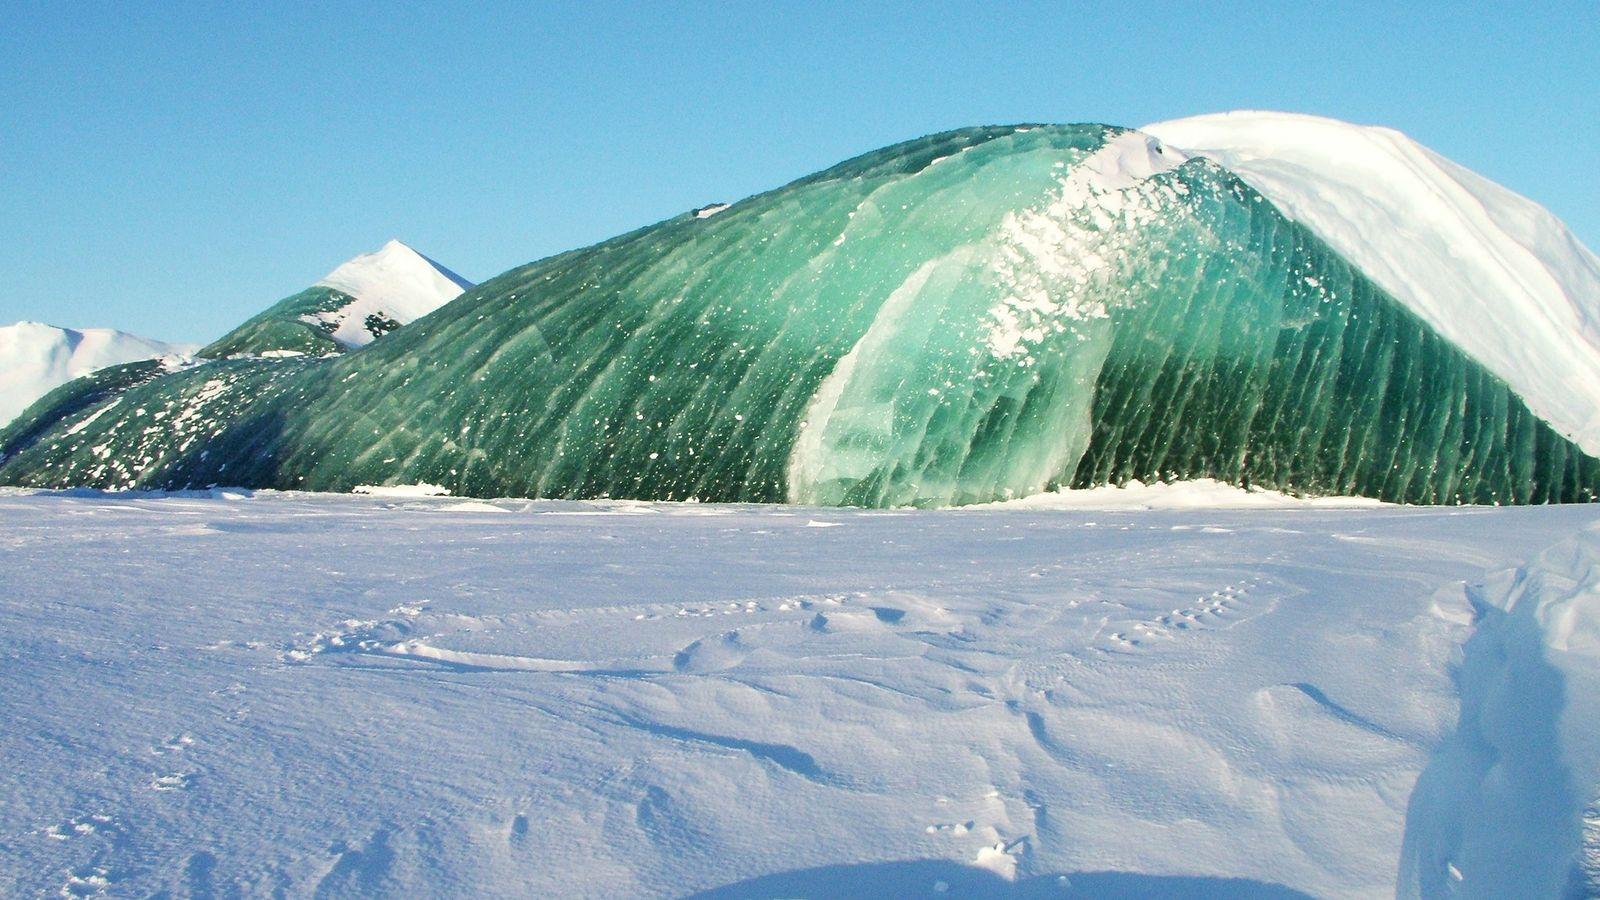 Comme les icebergs bleus, les icebergs verts se parent souvent d'une transparence bluffante, synonyme d'une faible ...